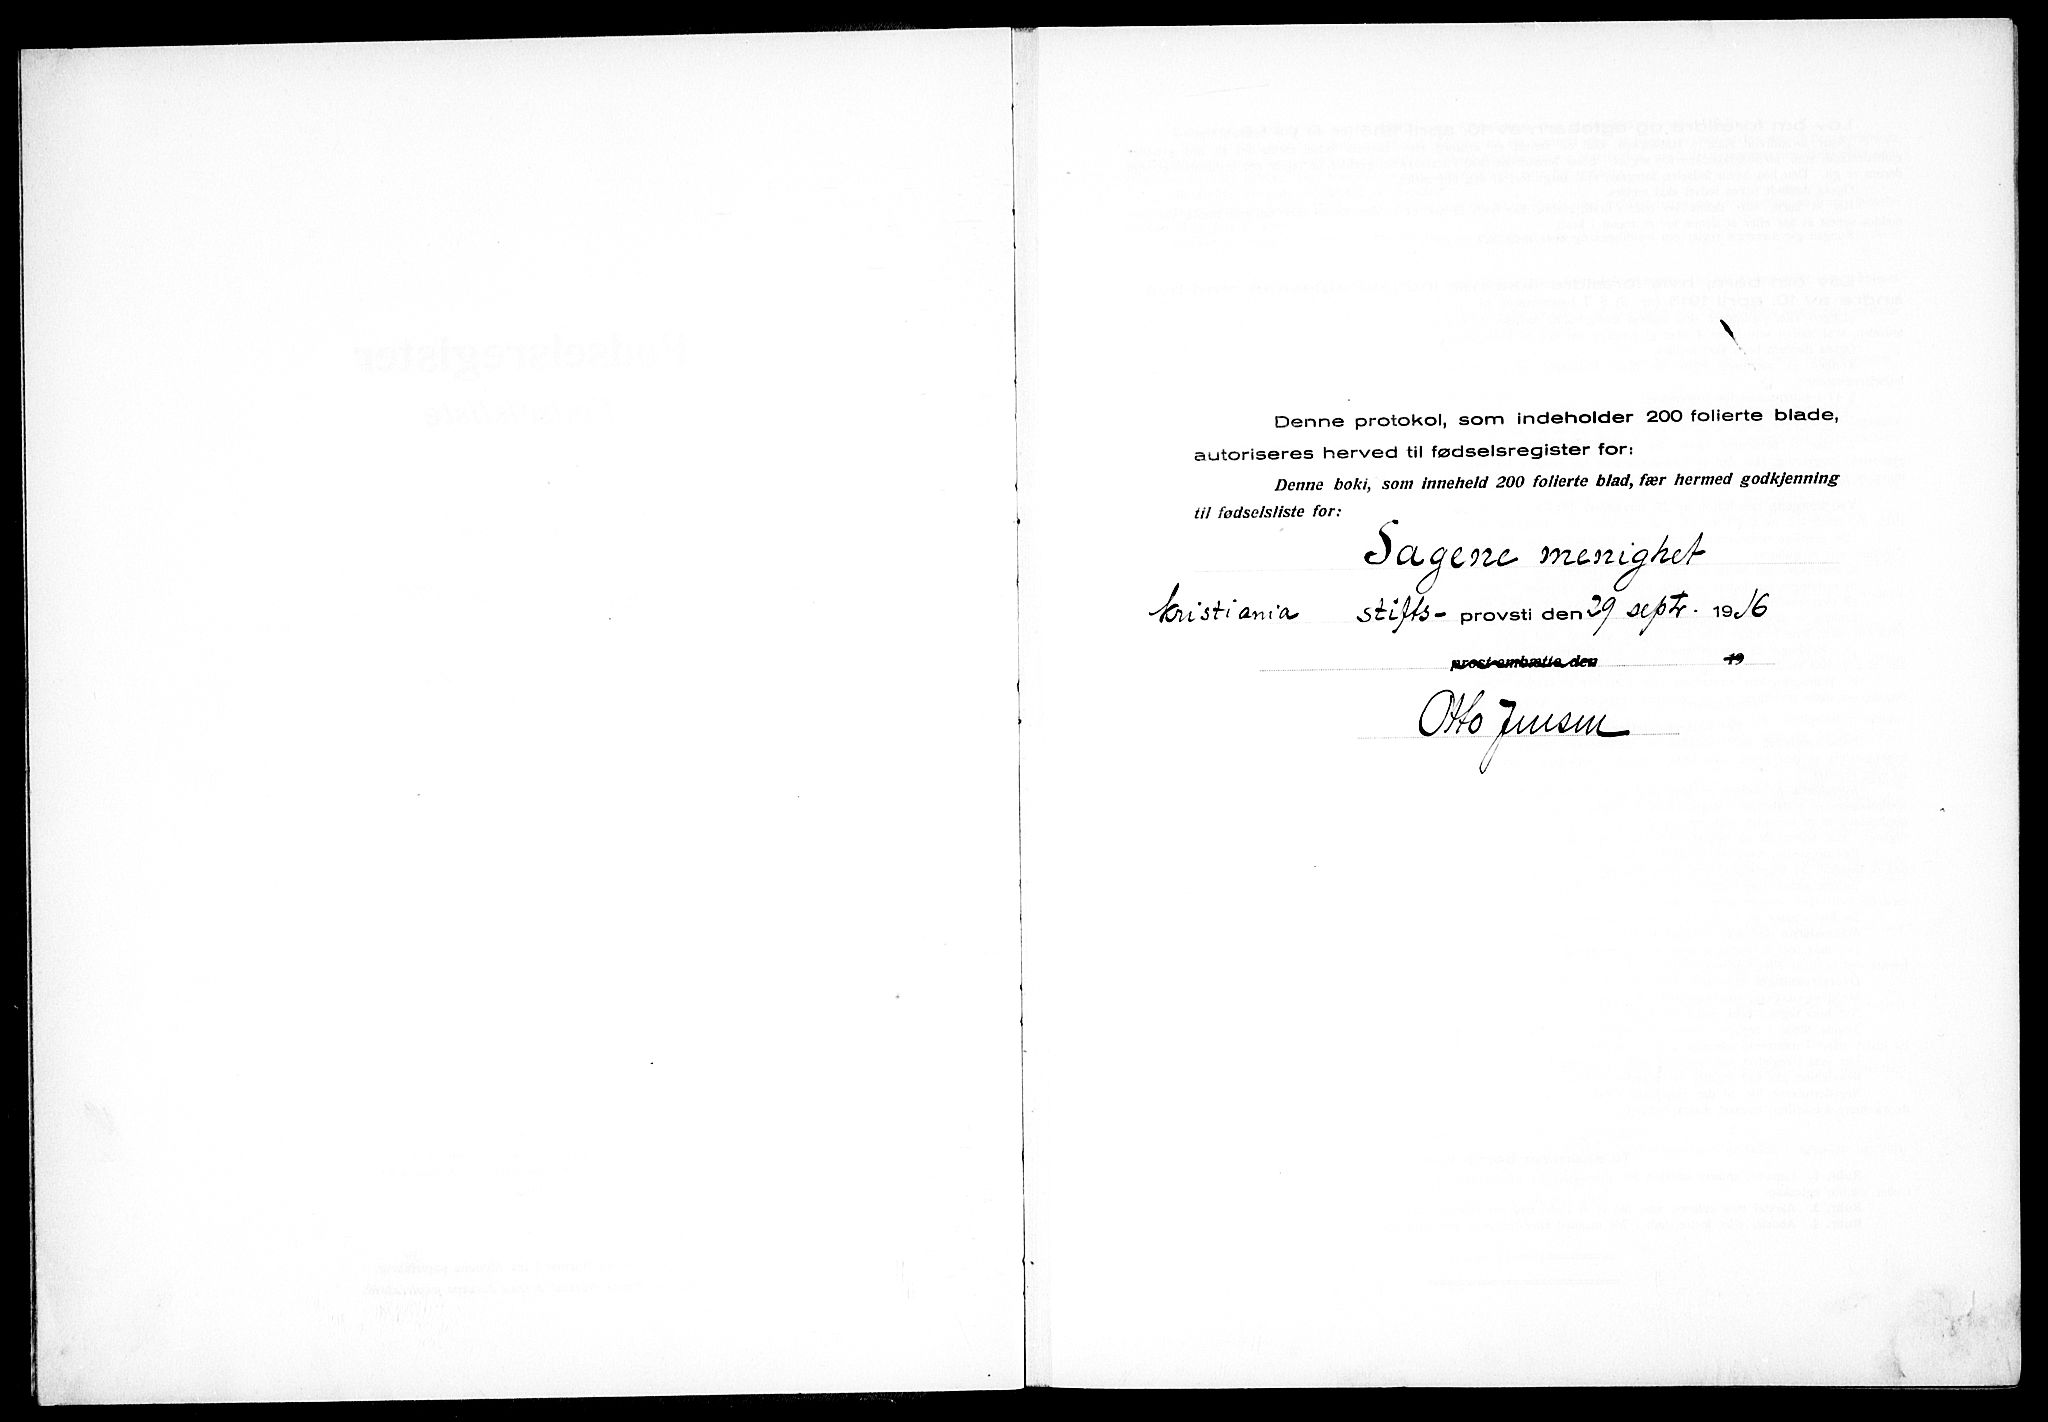 SAO, Sagene prestekontor Kirkebøker, J/L0001: Fødselsregister nr. 1, 1916-1920